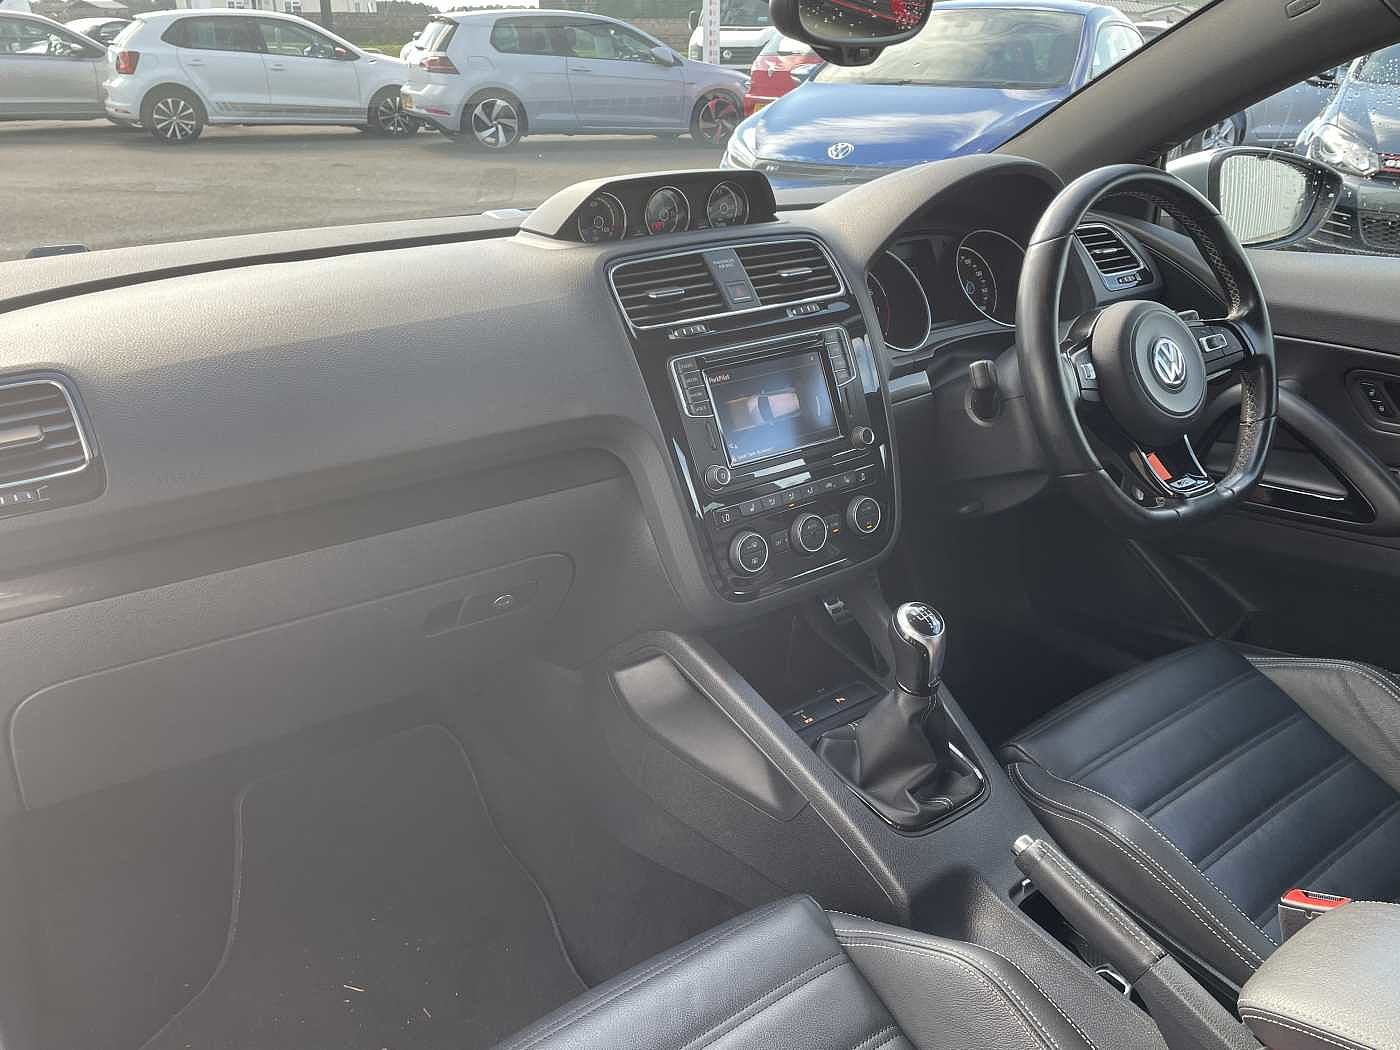 Volkswagen Scirocco Images